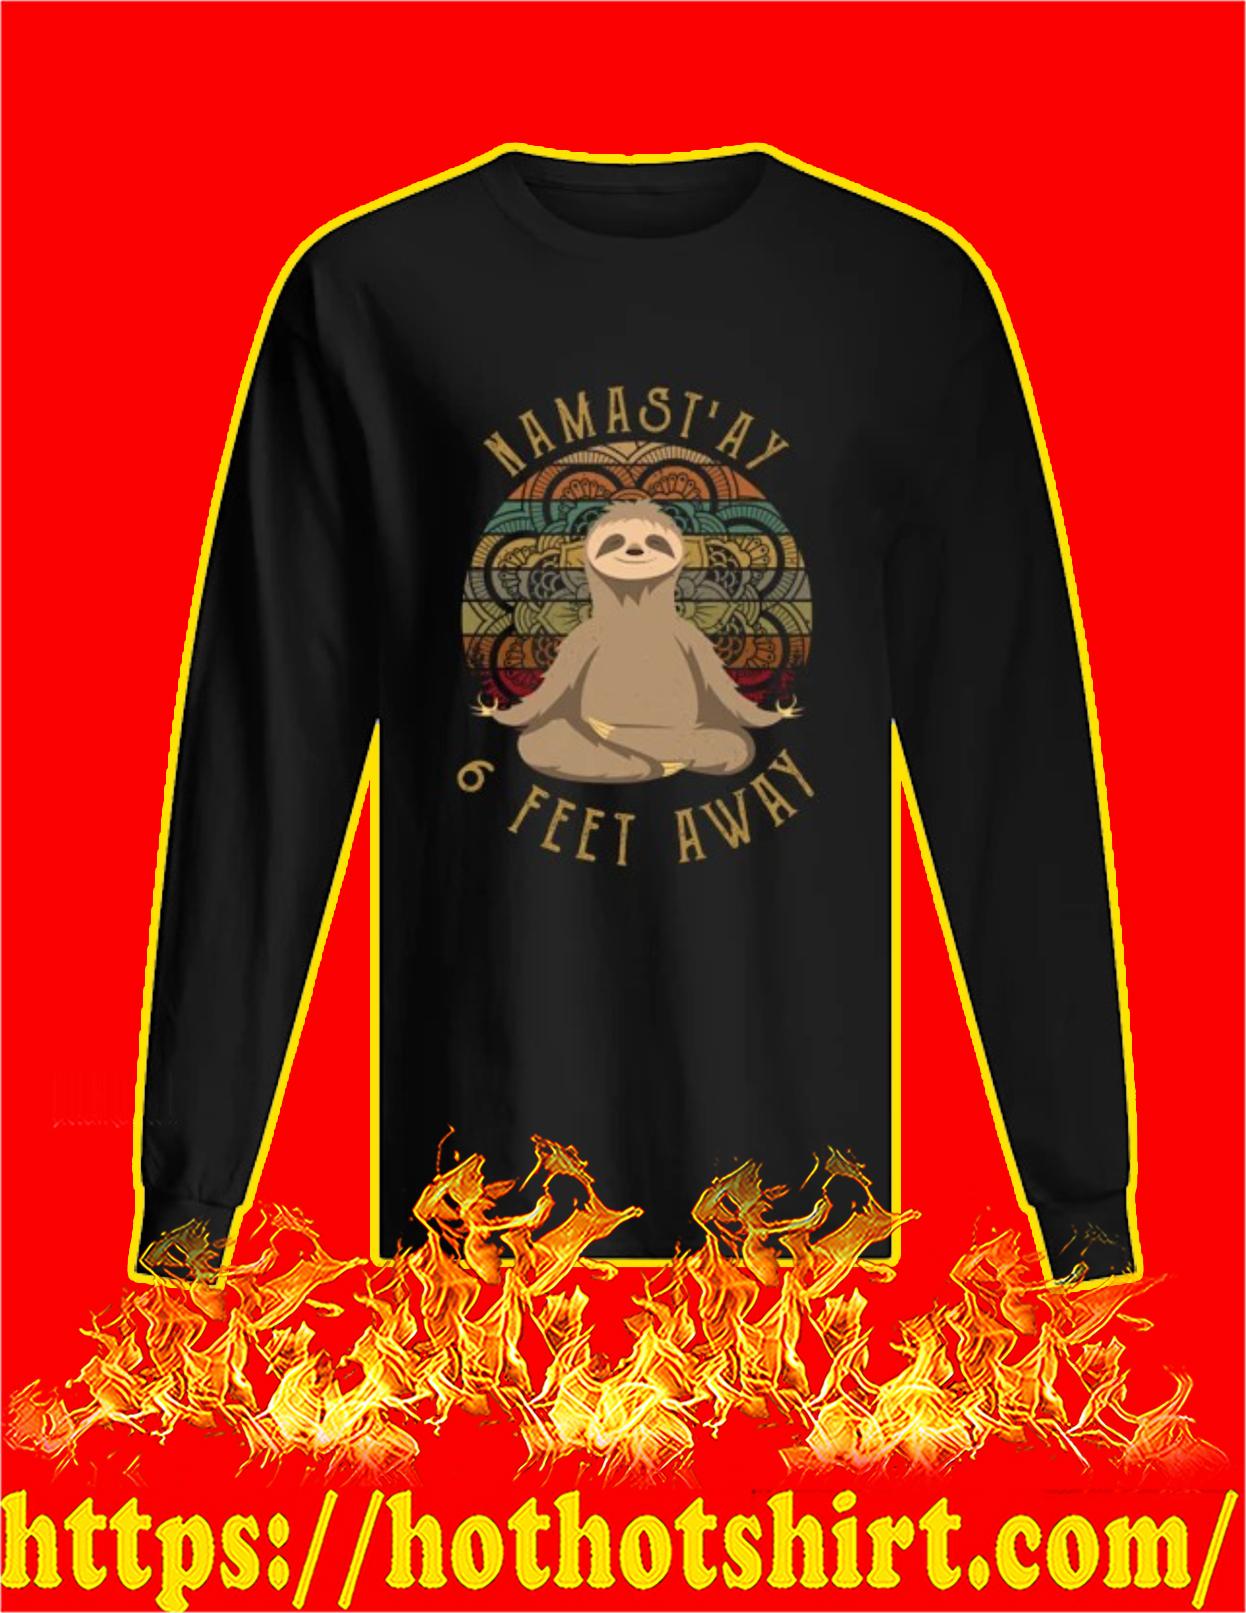 Sloth namast'ay 6 feet away long sleeved shirt